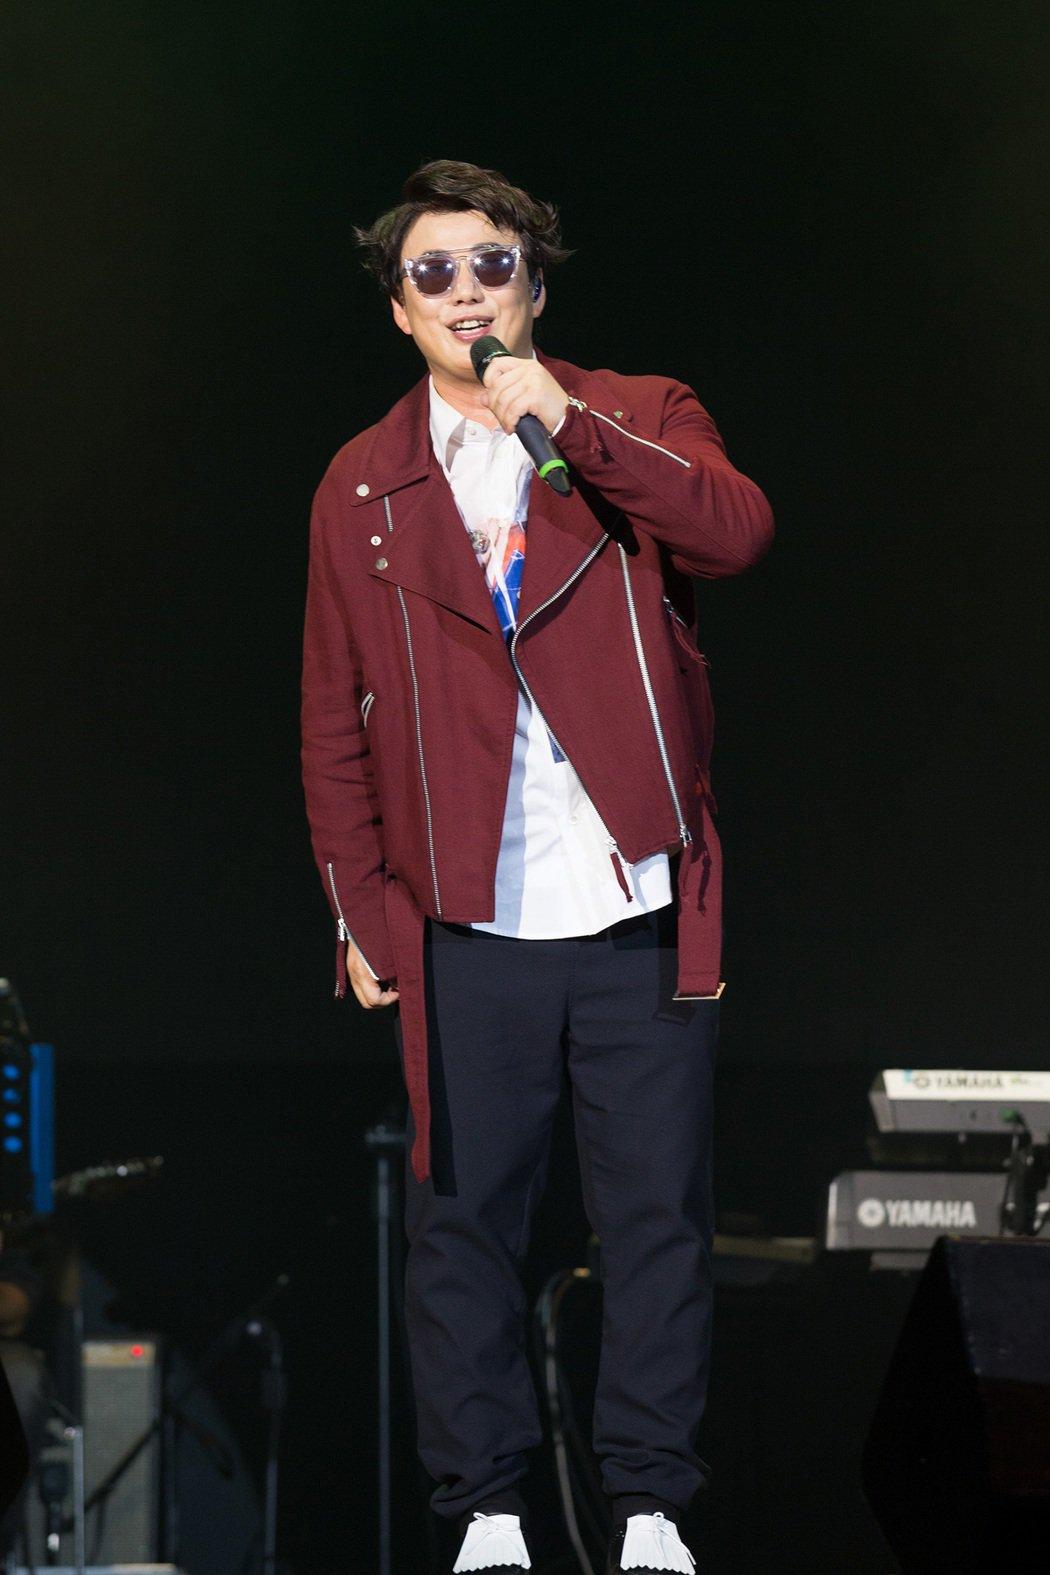 蕭煌奇22日晚舉行生日音樂會。圖/星光娛樂提供